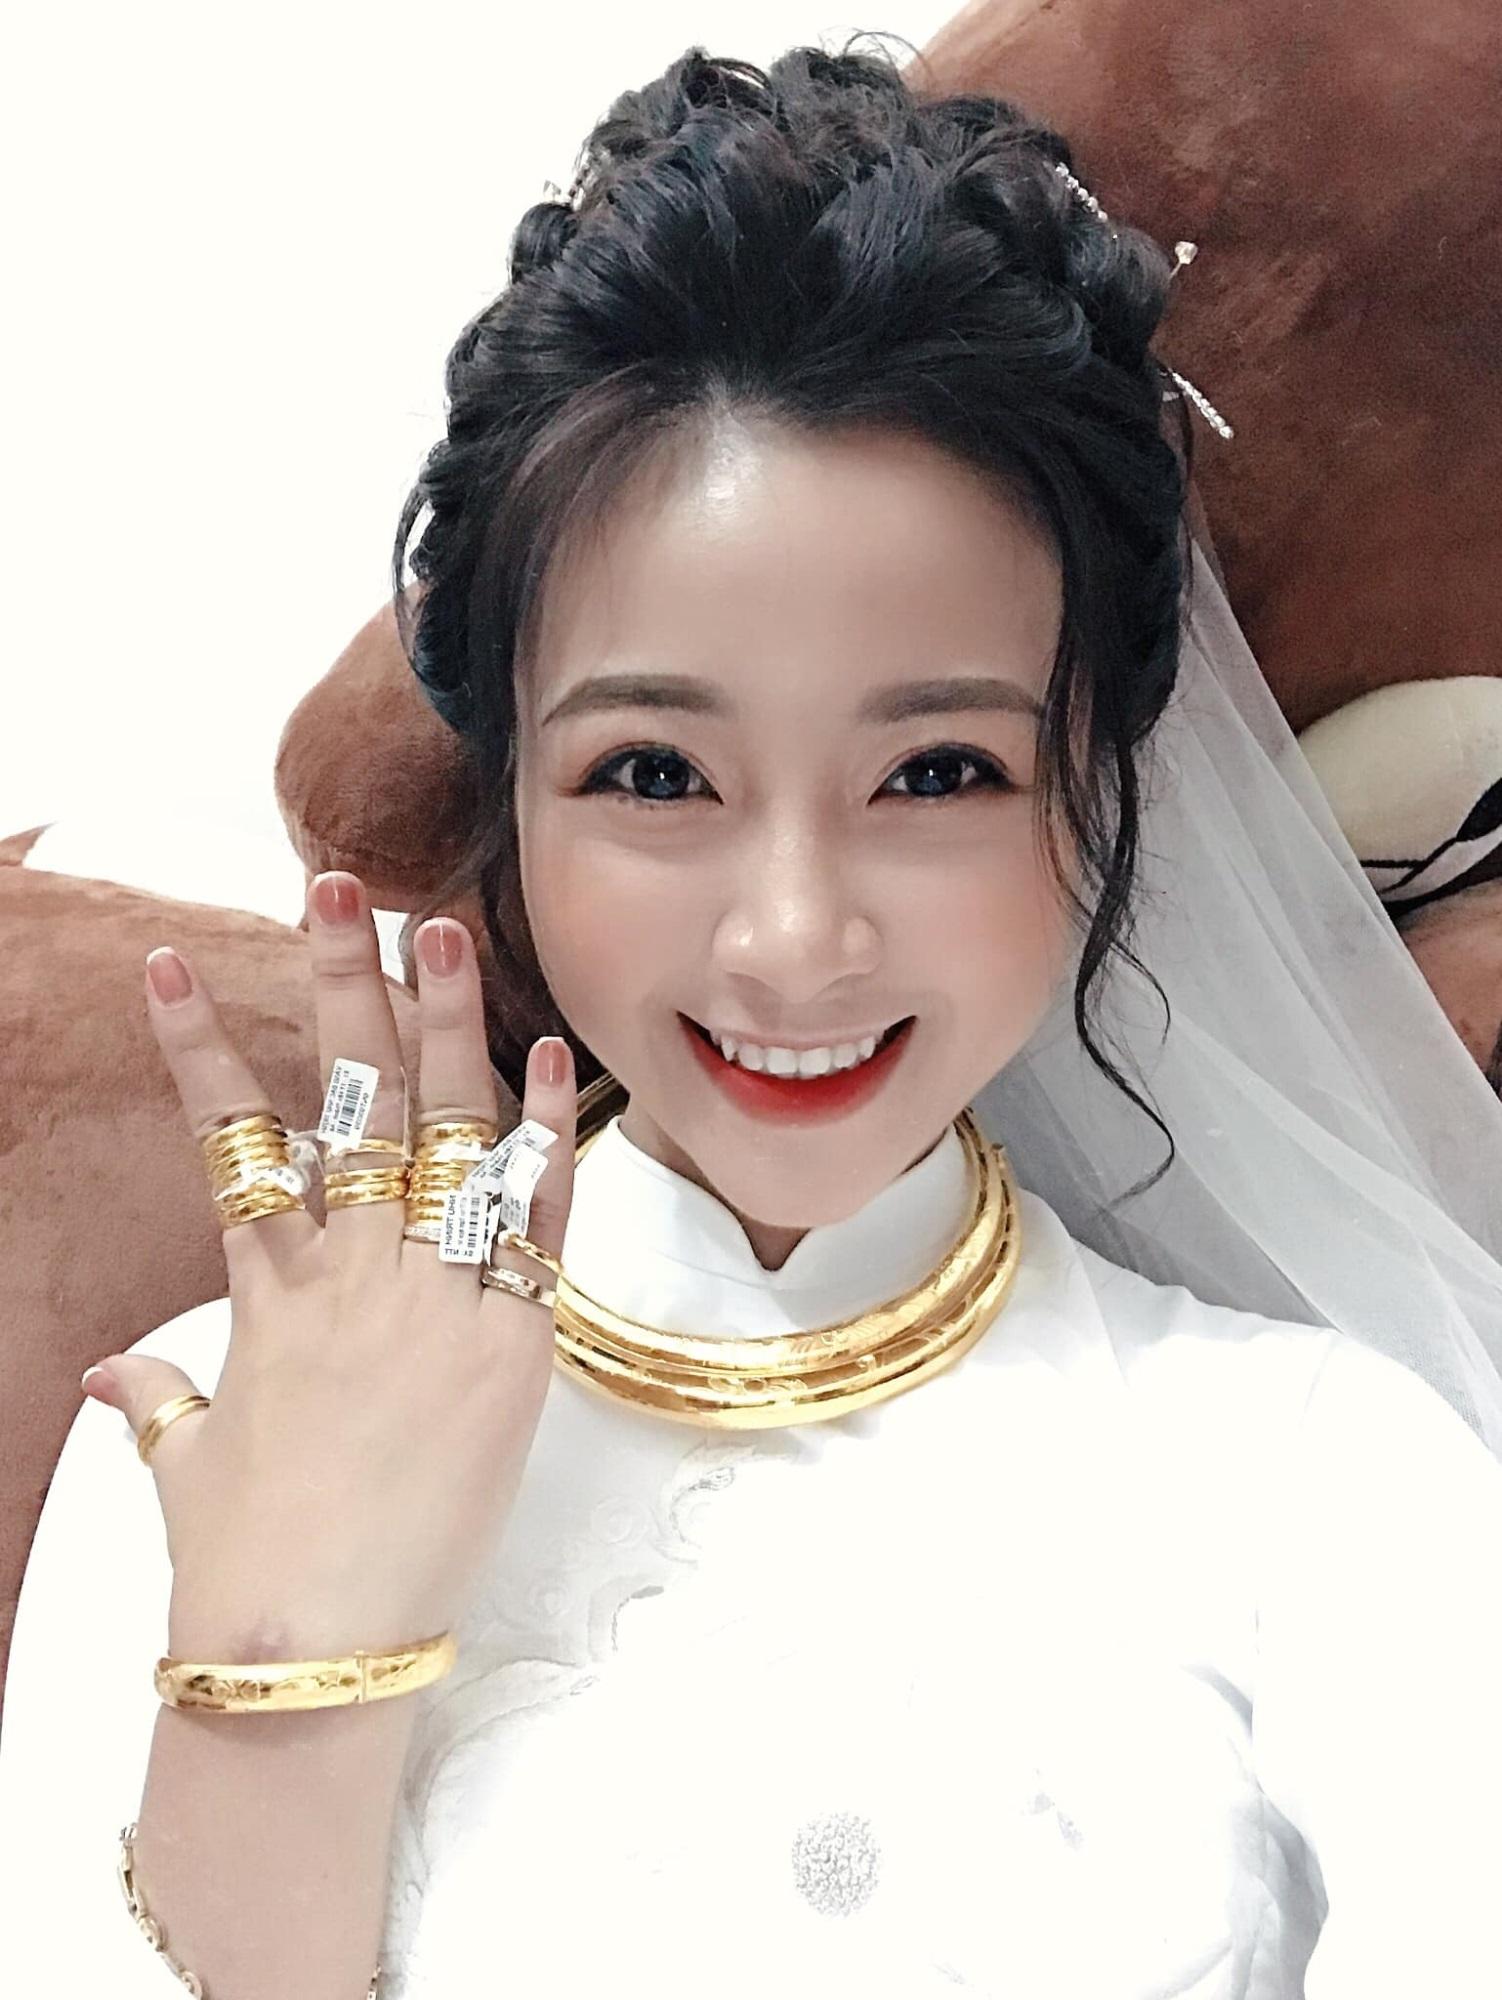 Đám cưới cầu thủ Phan Văn Đức: Vợ hot girl chẳng có gì ngoài vàng đeo khắp người - Ảnh 1